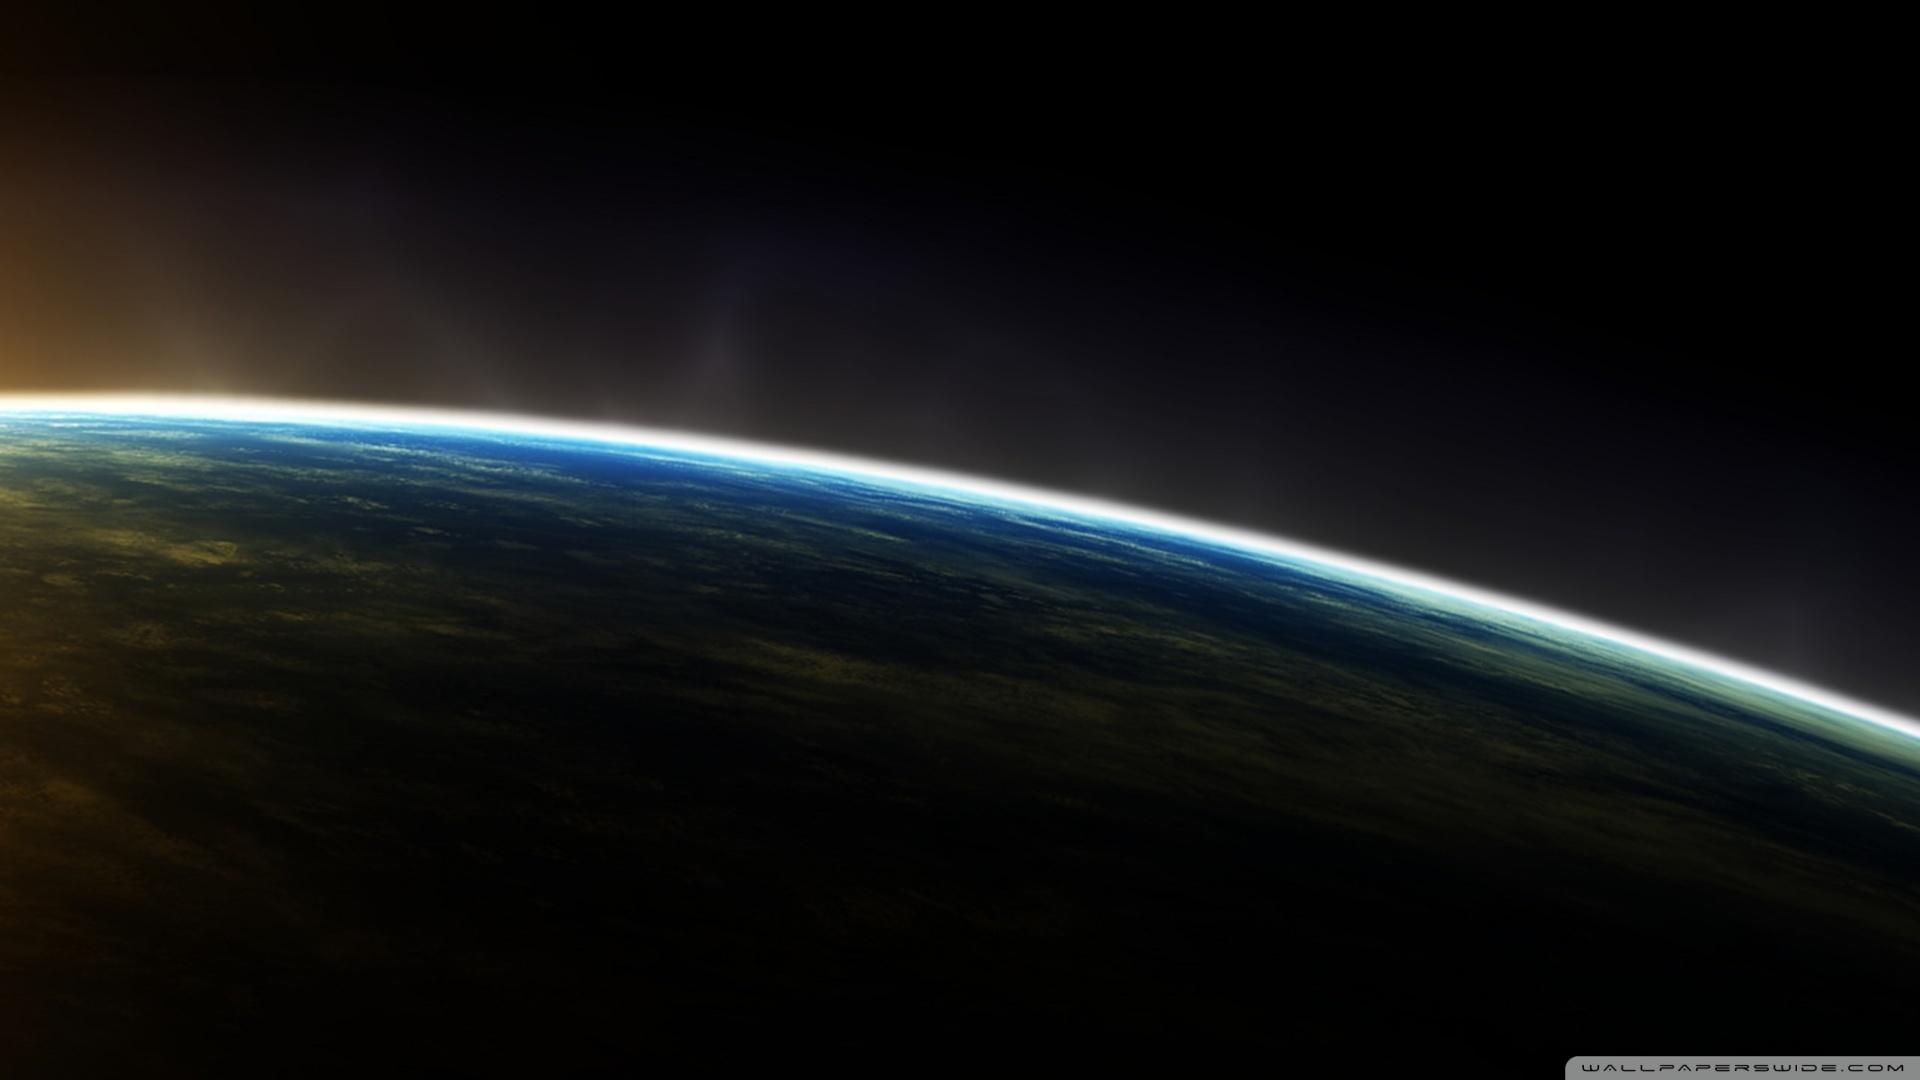 Planet Universe 19 a 4K HD Desktop Wallpaper for 4K Ultra